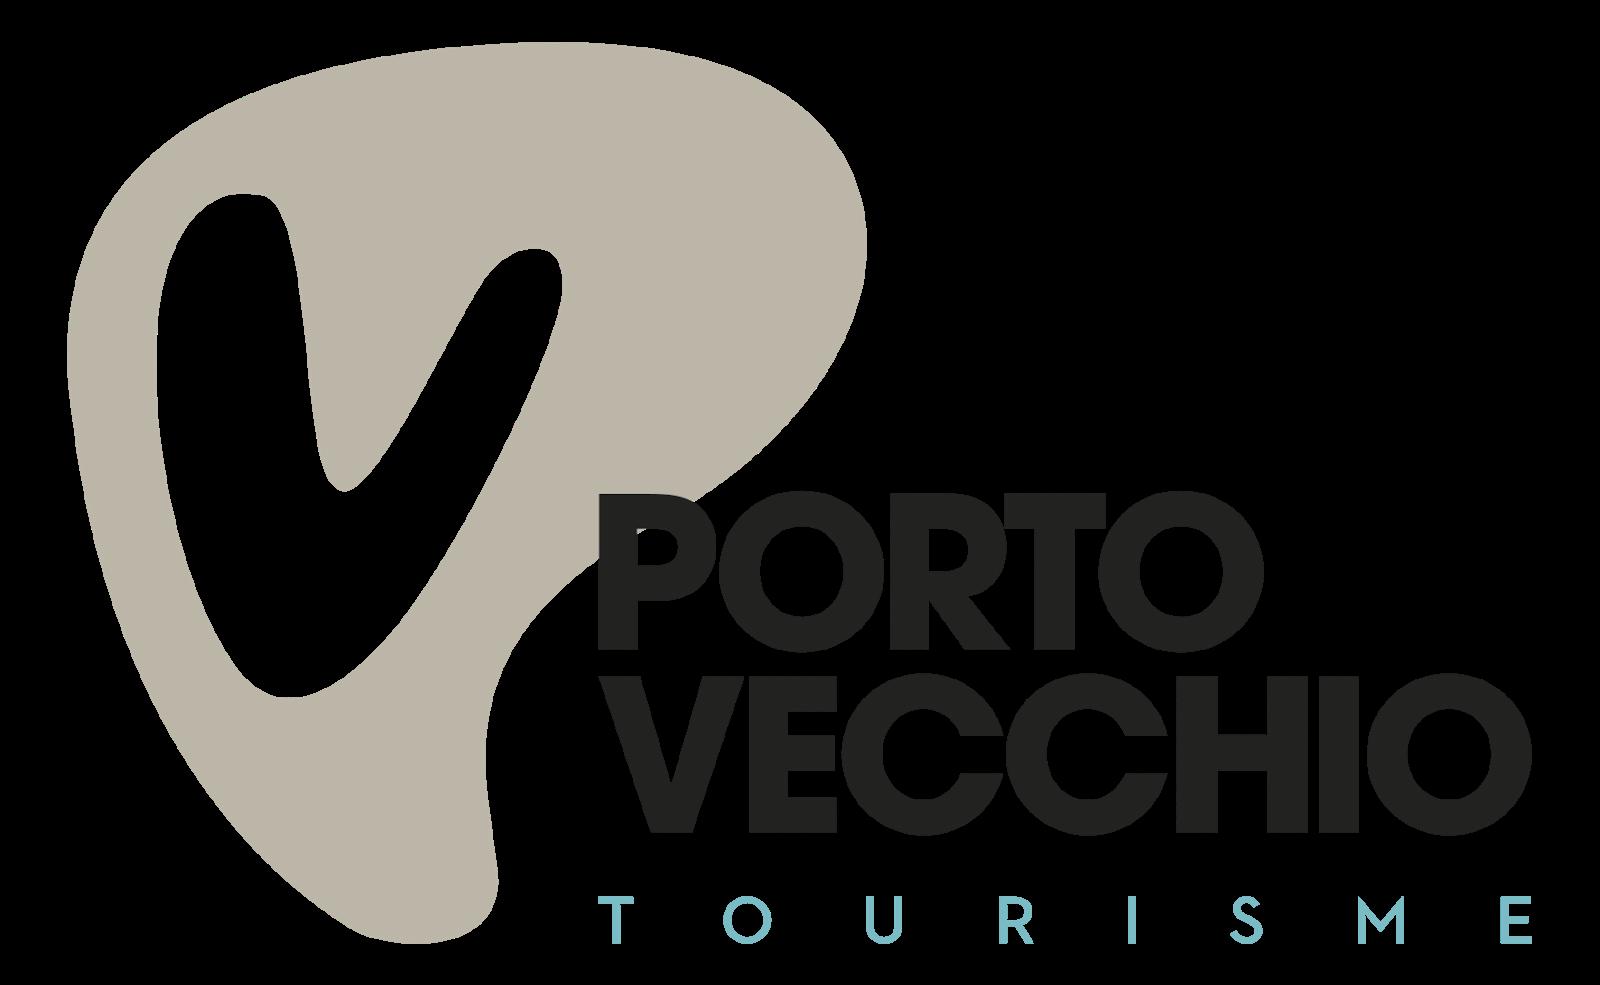 Porto-Vecchio Tourisme